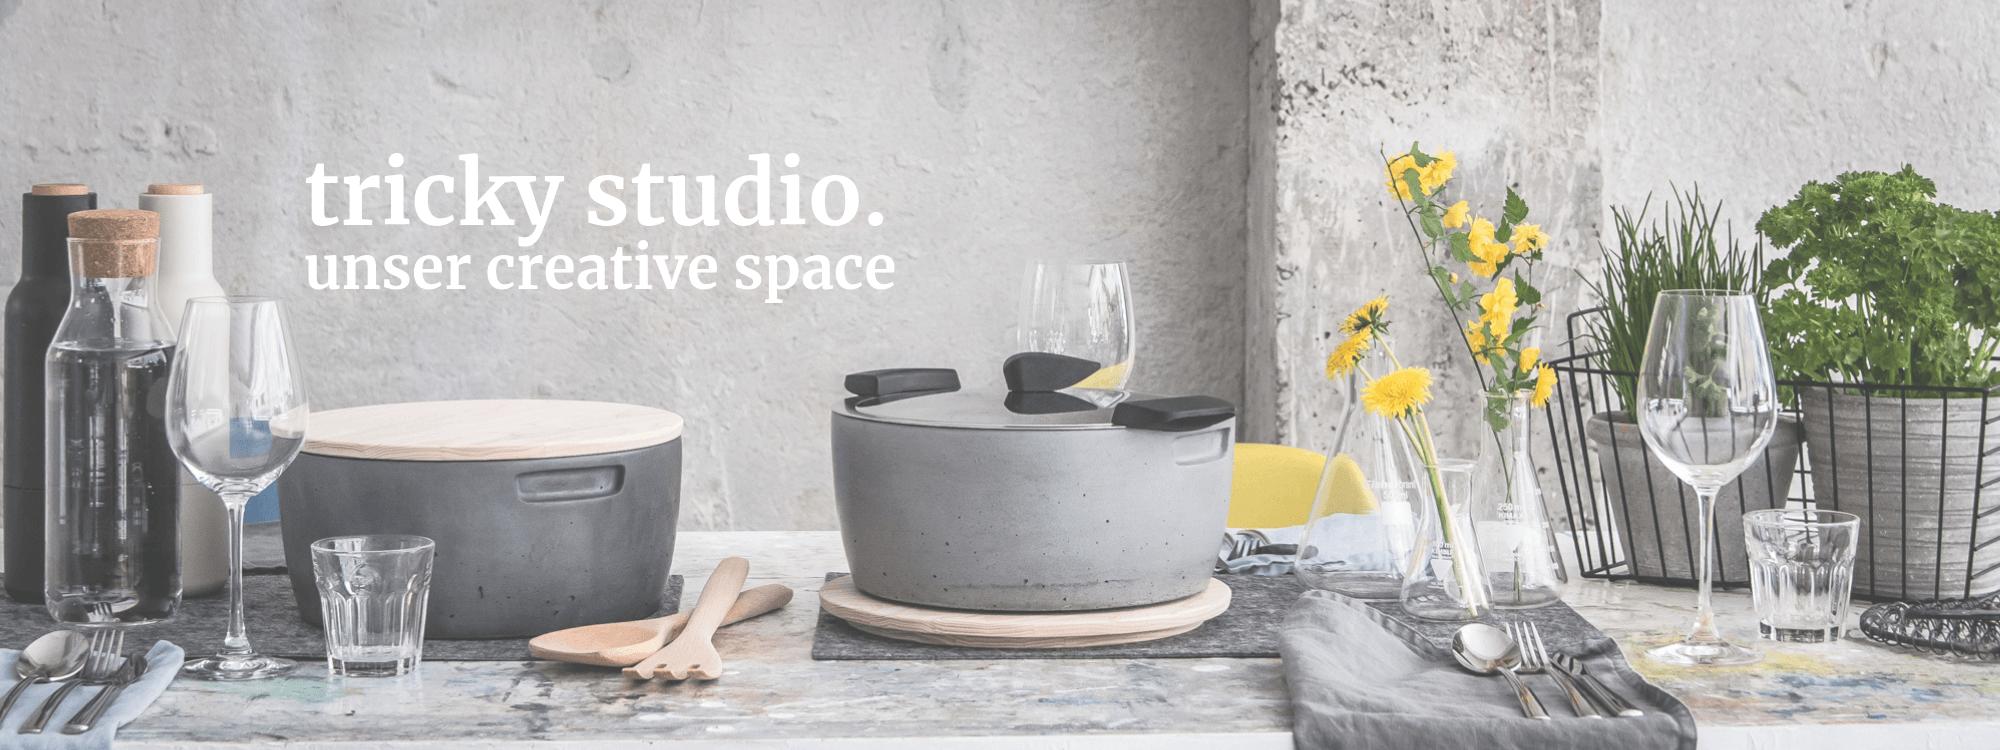 Slider studio urbina